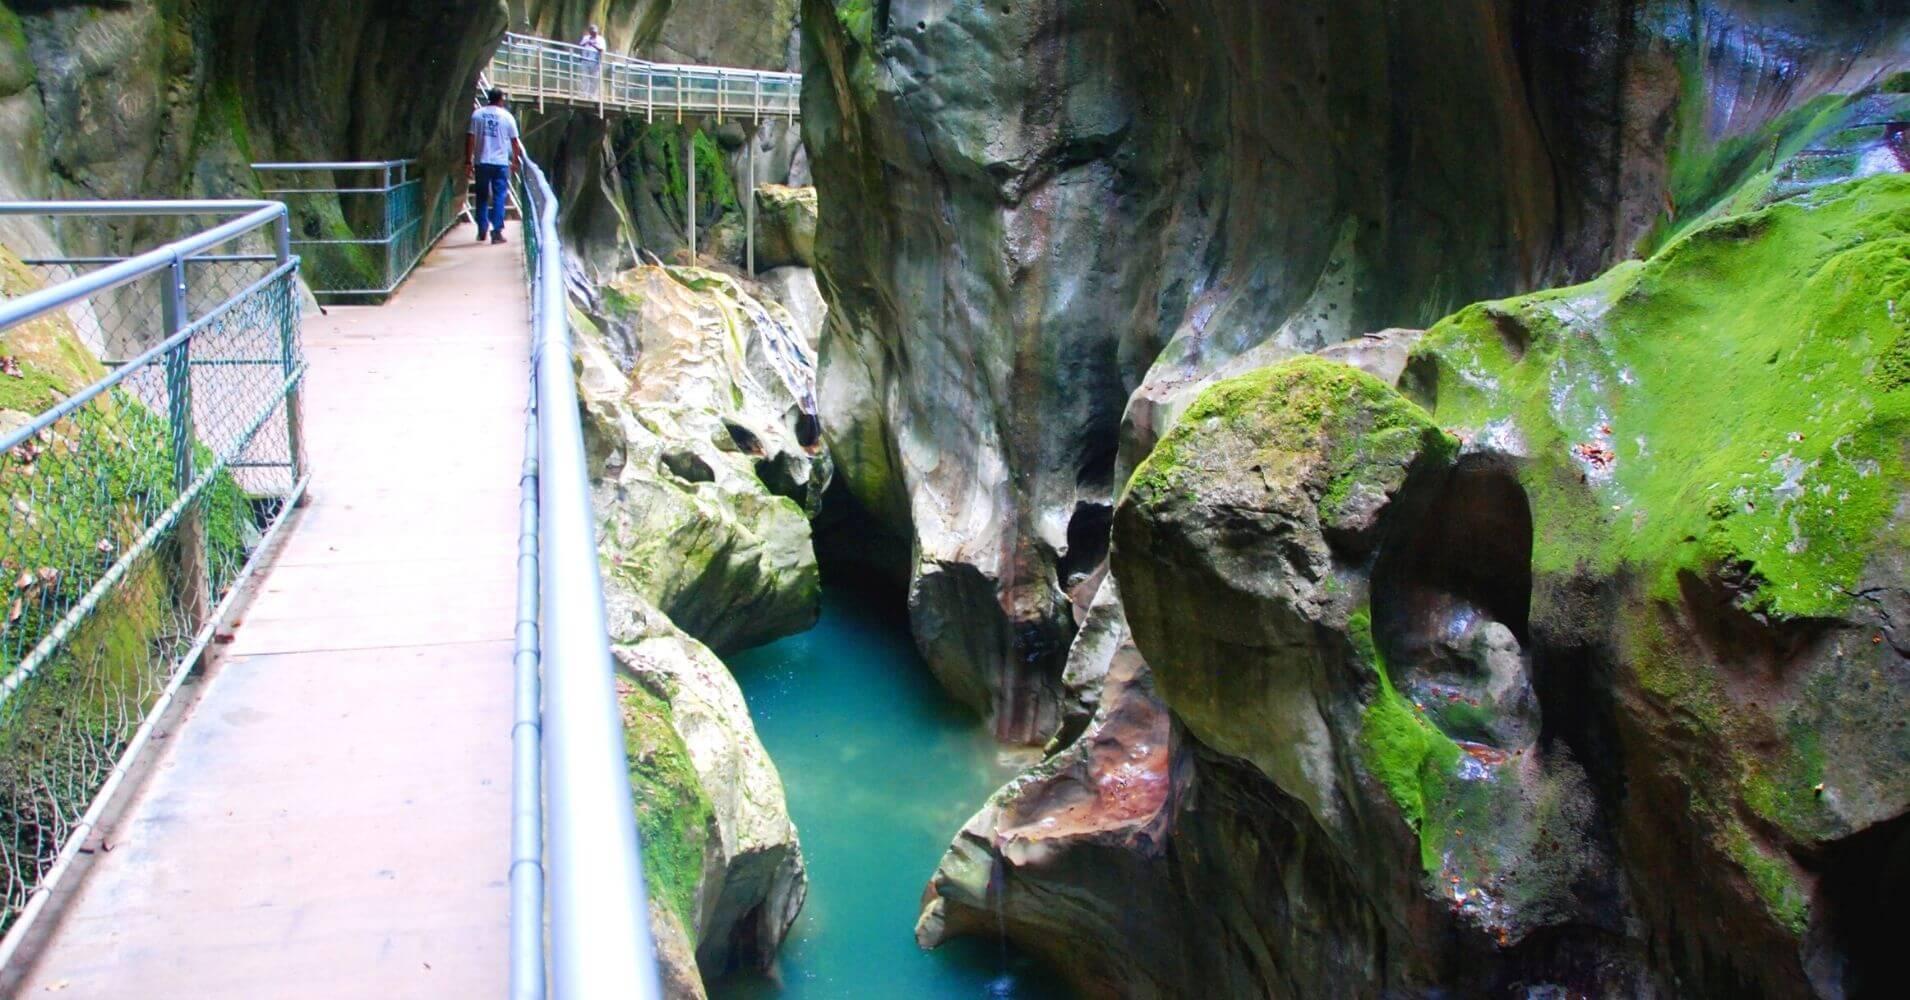 Les Gorges du Pont du Diable. La Vernaz. Alta Saboya. Auvernia-Ródano-Alpes.